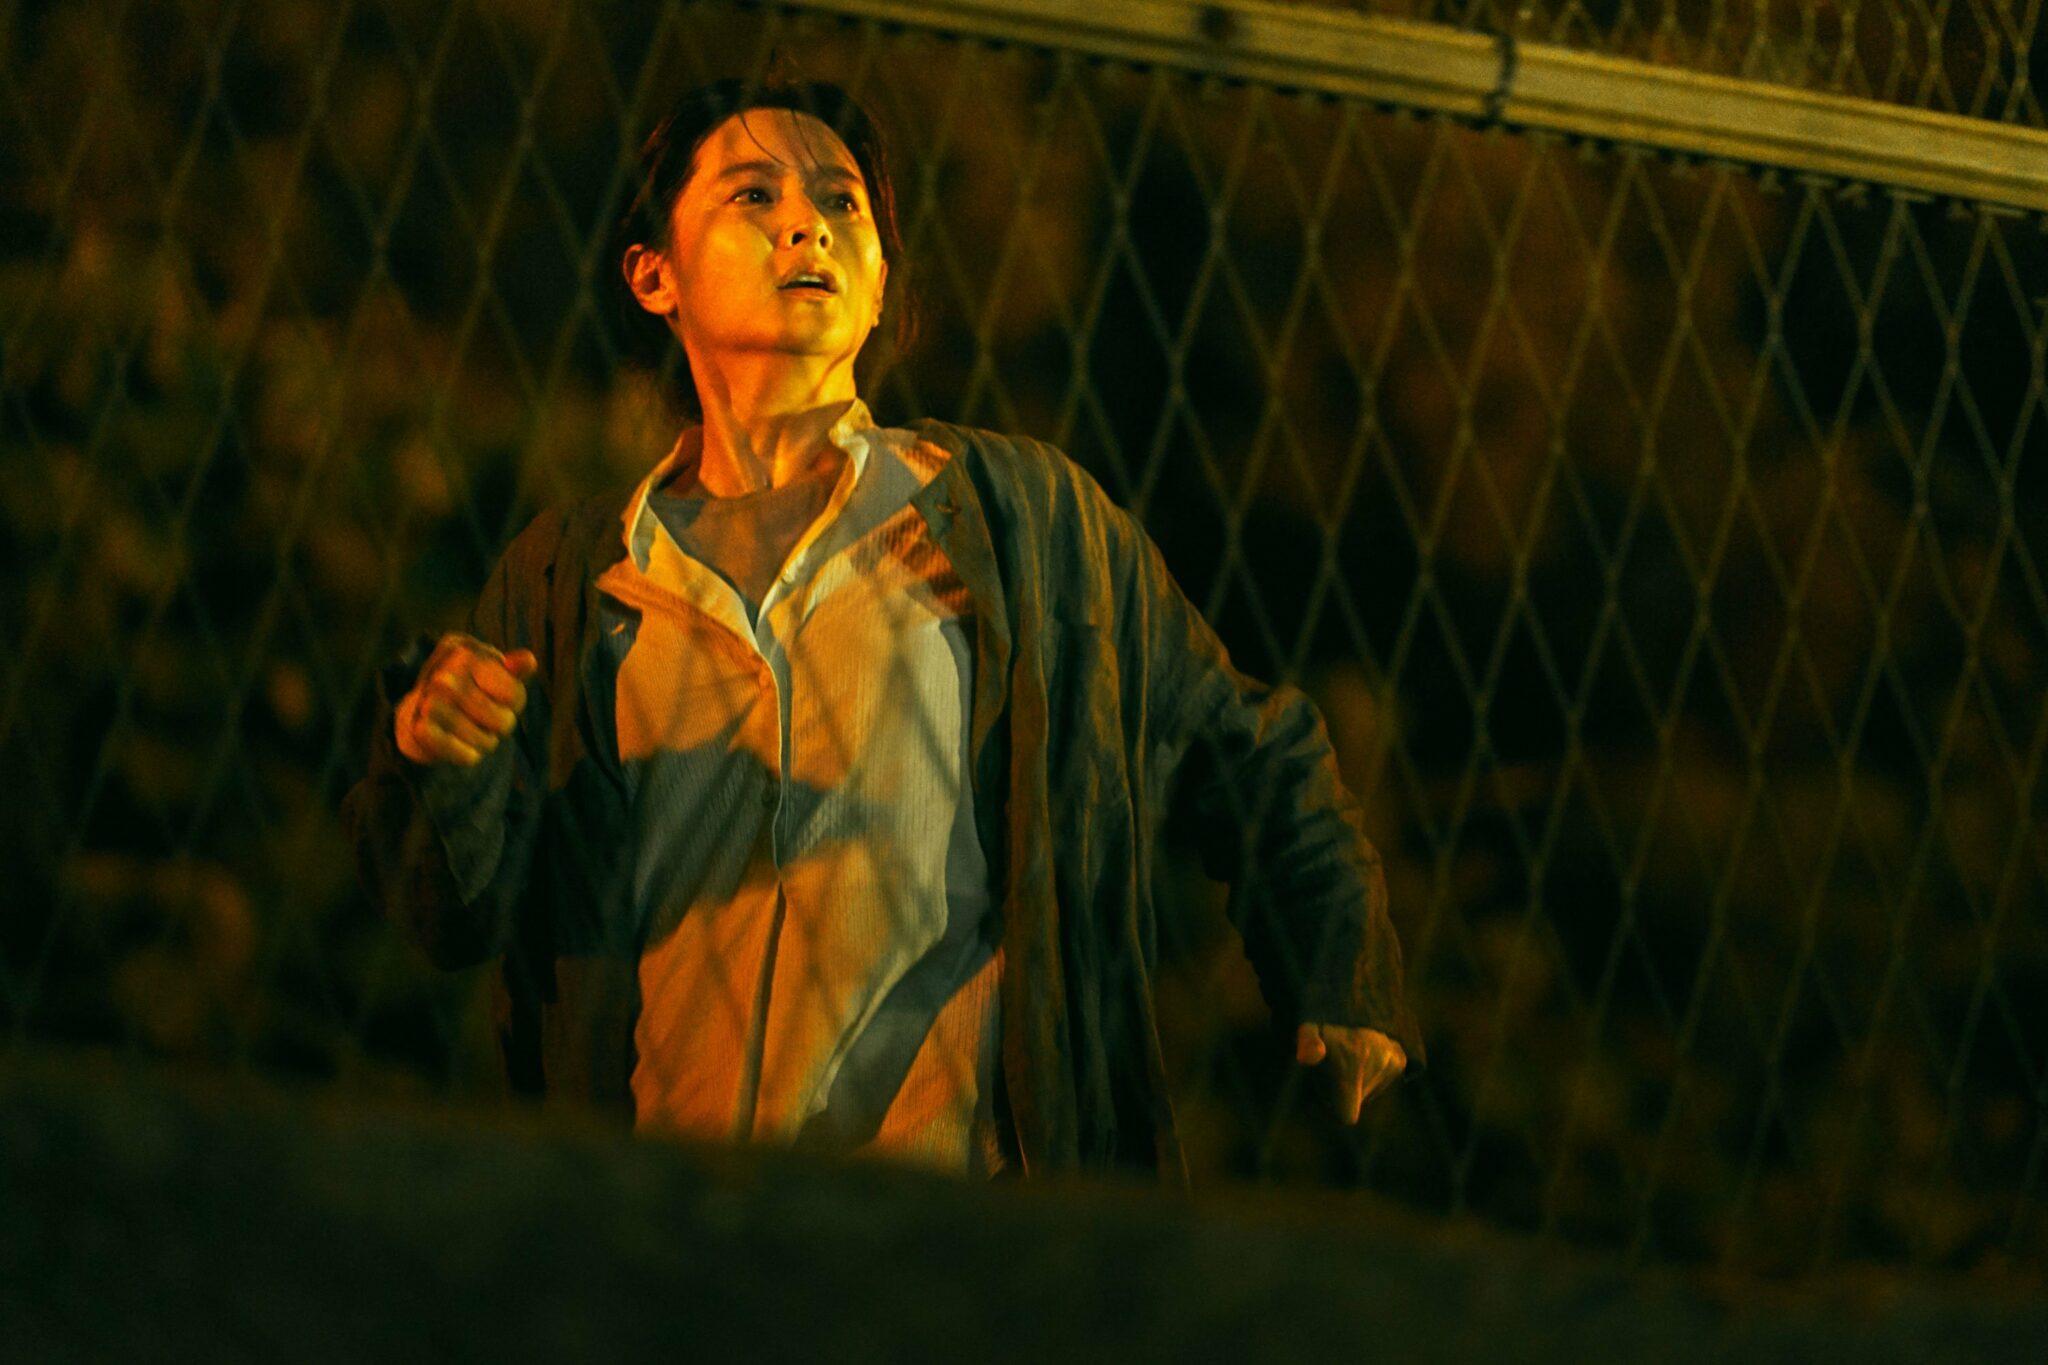 Jung-Yeon (Lee Young-ae) steht mit erschrockenem Gesichtsausdruck nachts hinter einem Drahtzaun.